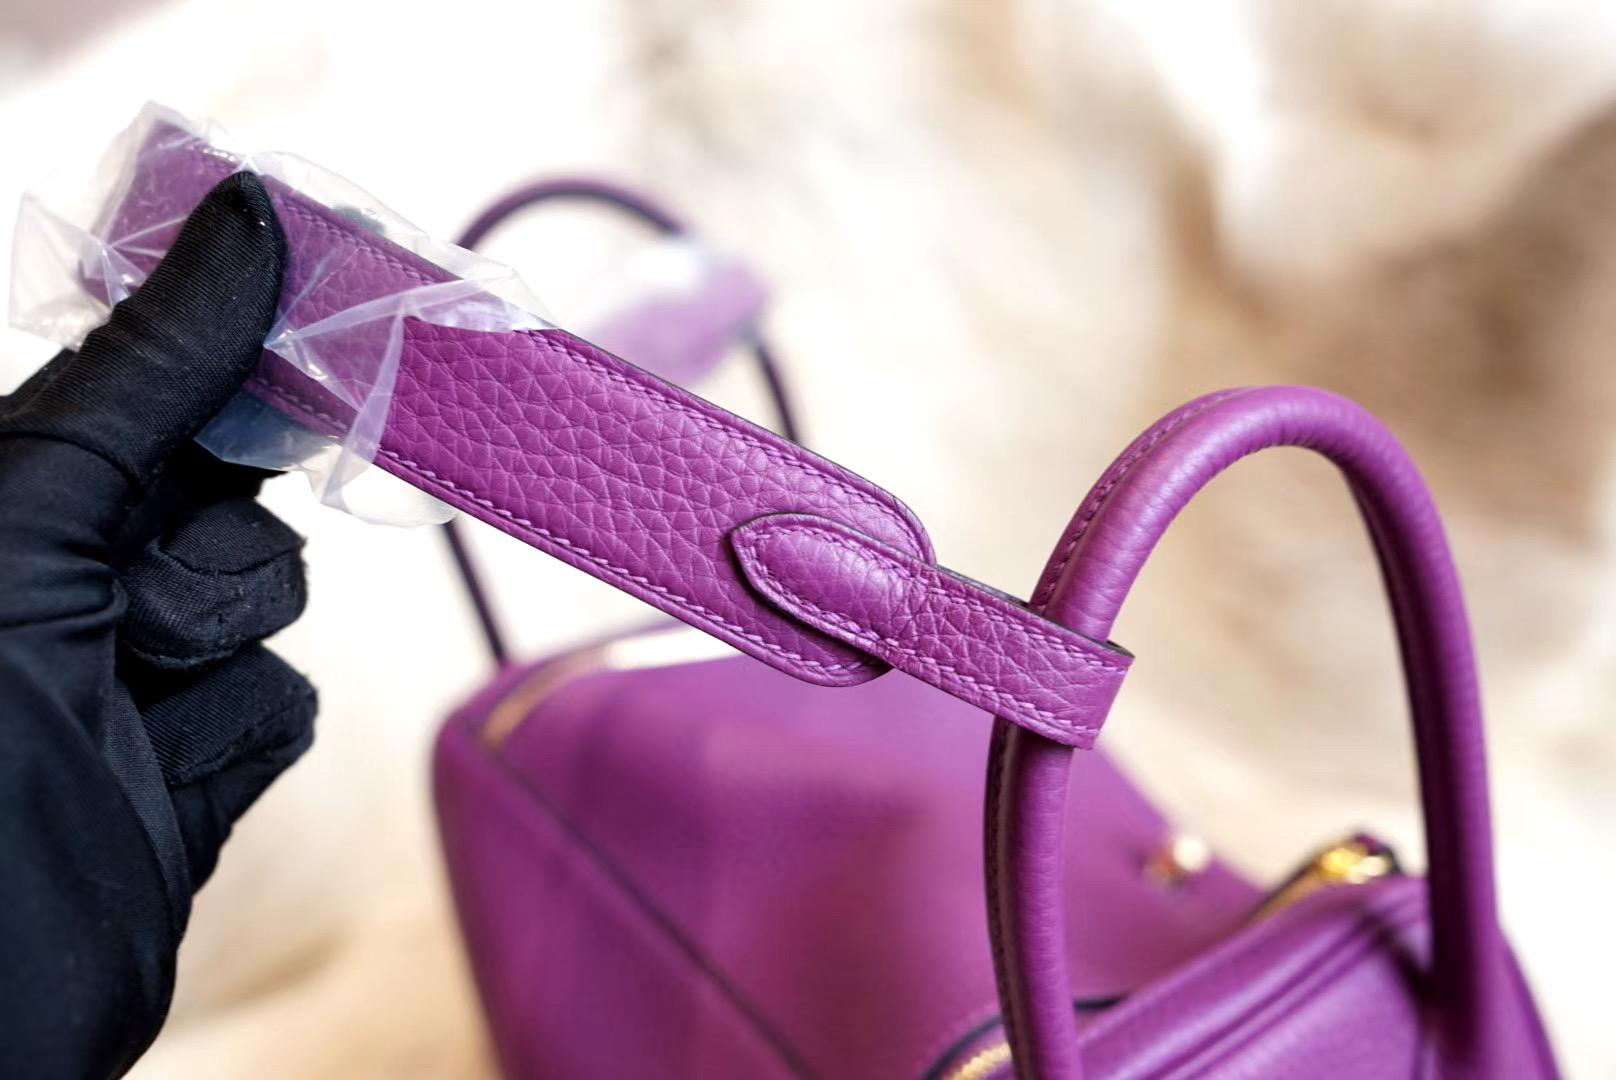 最新年份真品开版 P9海葵紫 琳迪包 Lindy 26CM 金扣 原厂Clemence皮 法国蜡线 全手缝